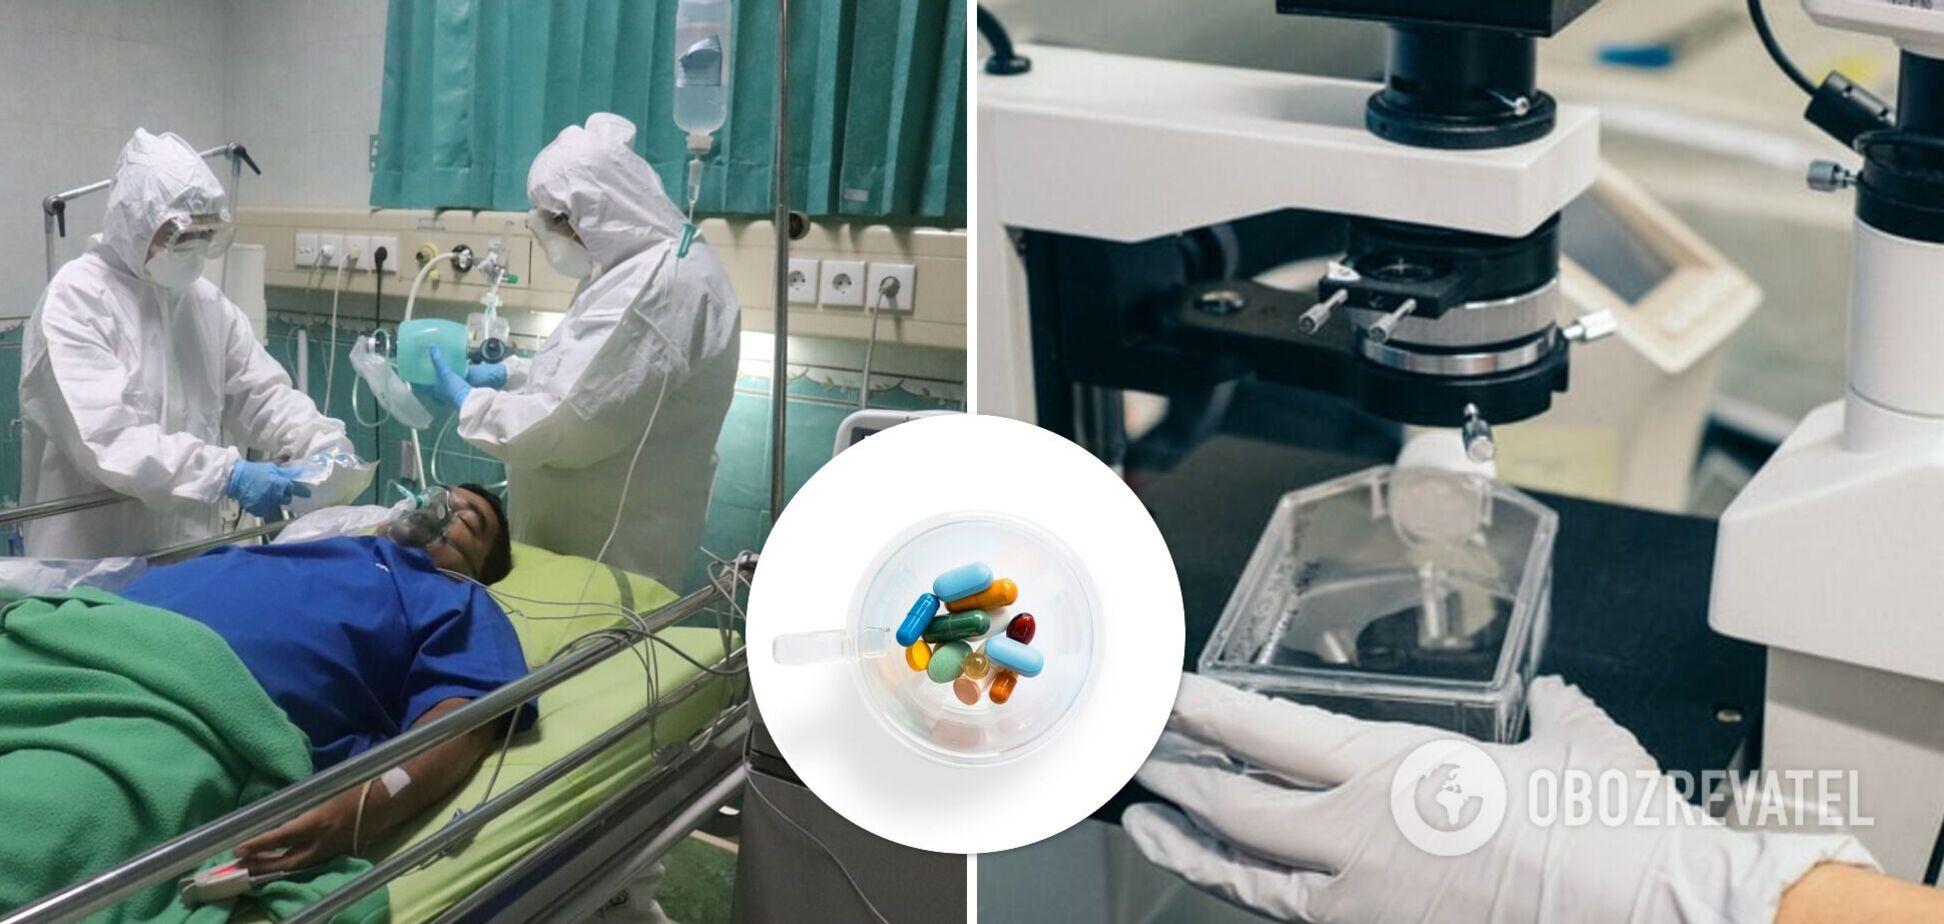 Вчені заявили про неефективність препарату, який використовувався для лікування COVID-19: може викликати 'побічки'